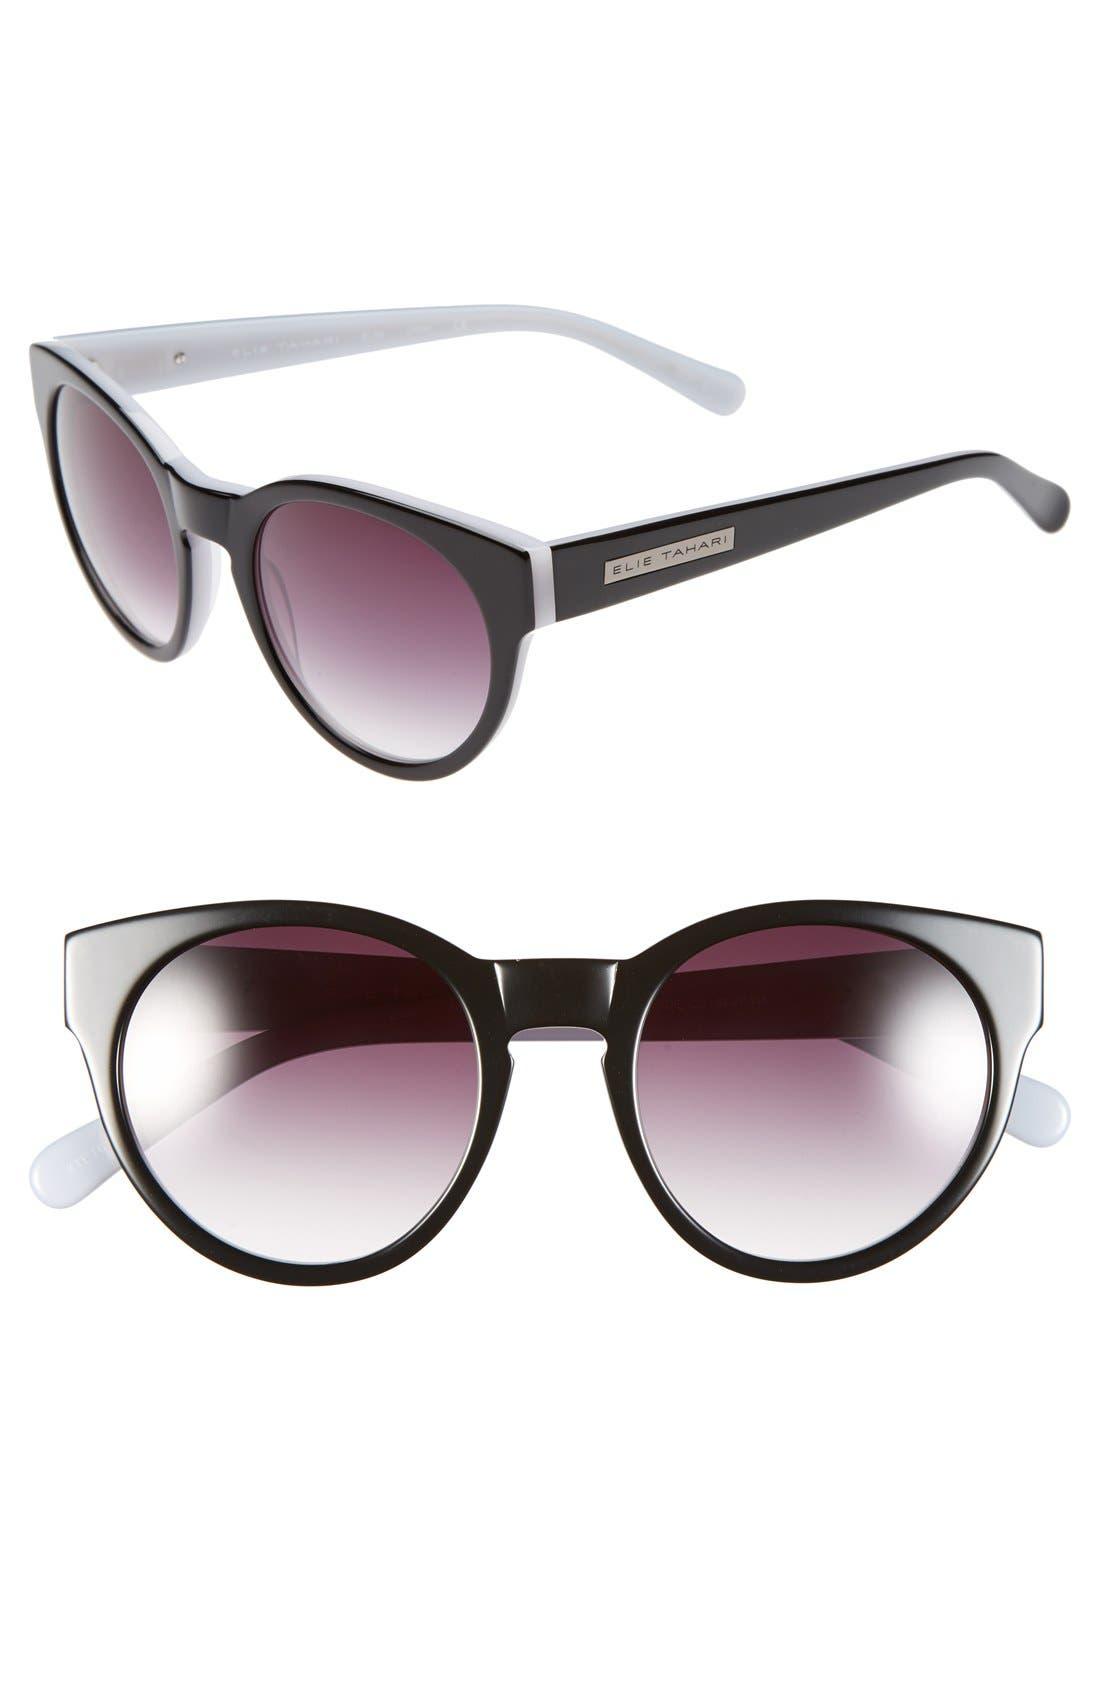 Main Image - Elie Tahari 52mm Retro Sunglasses